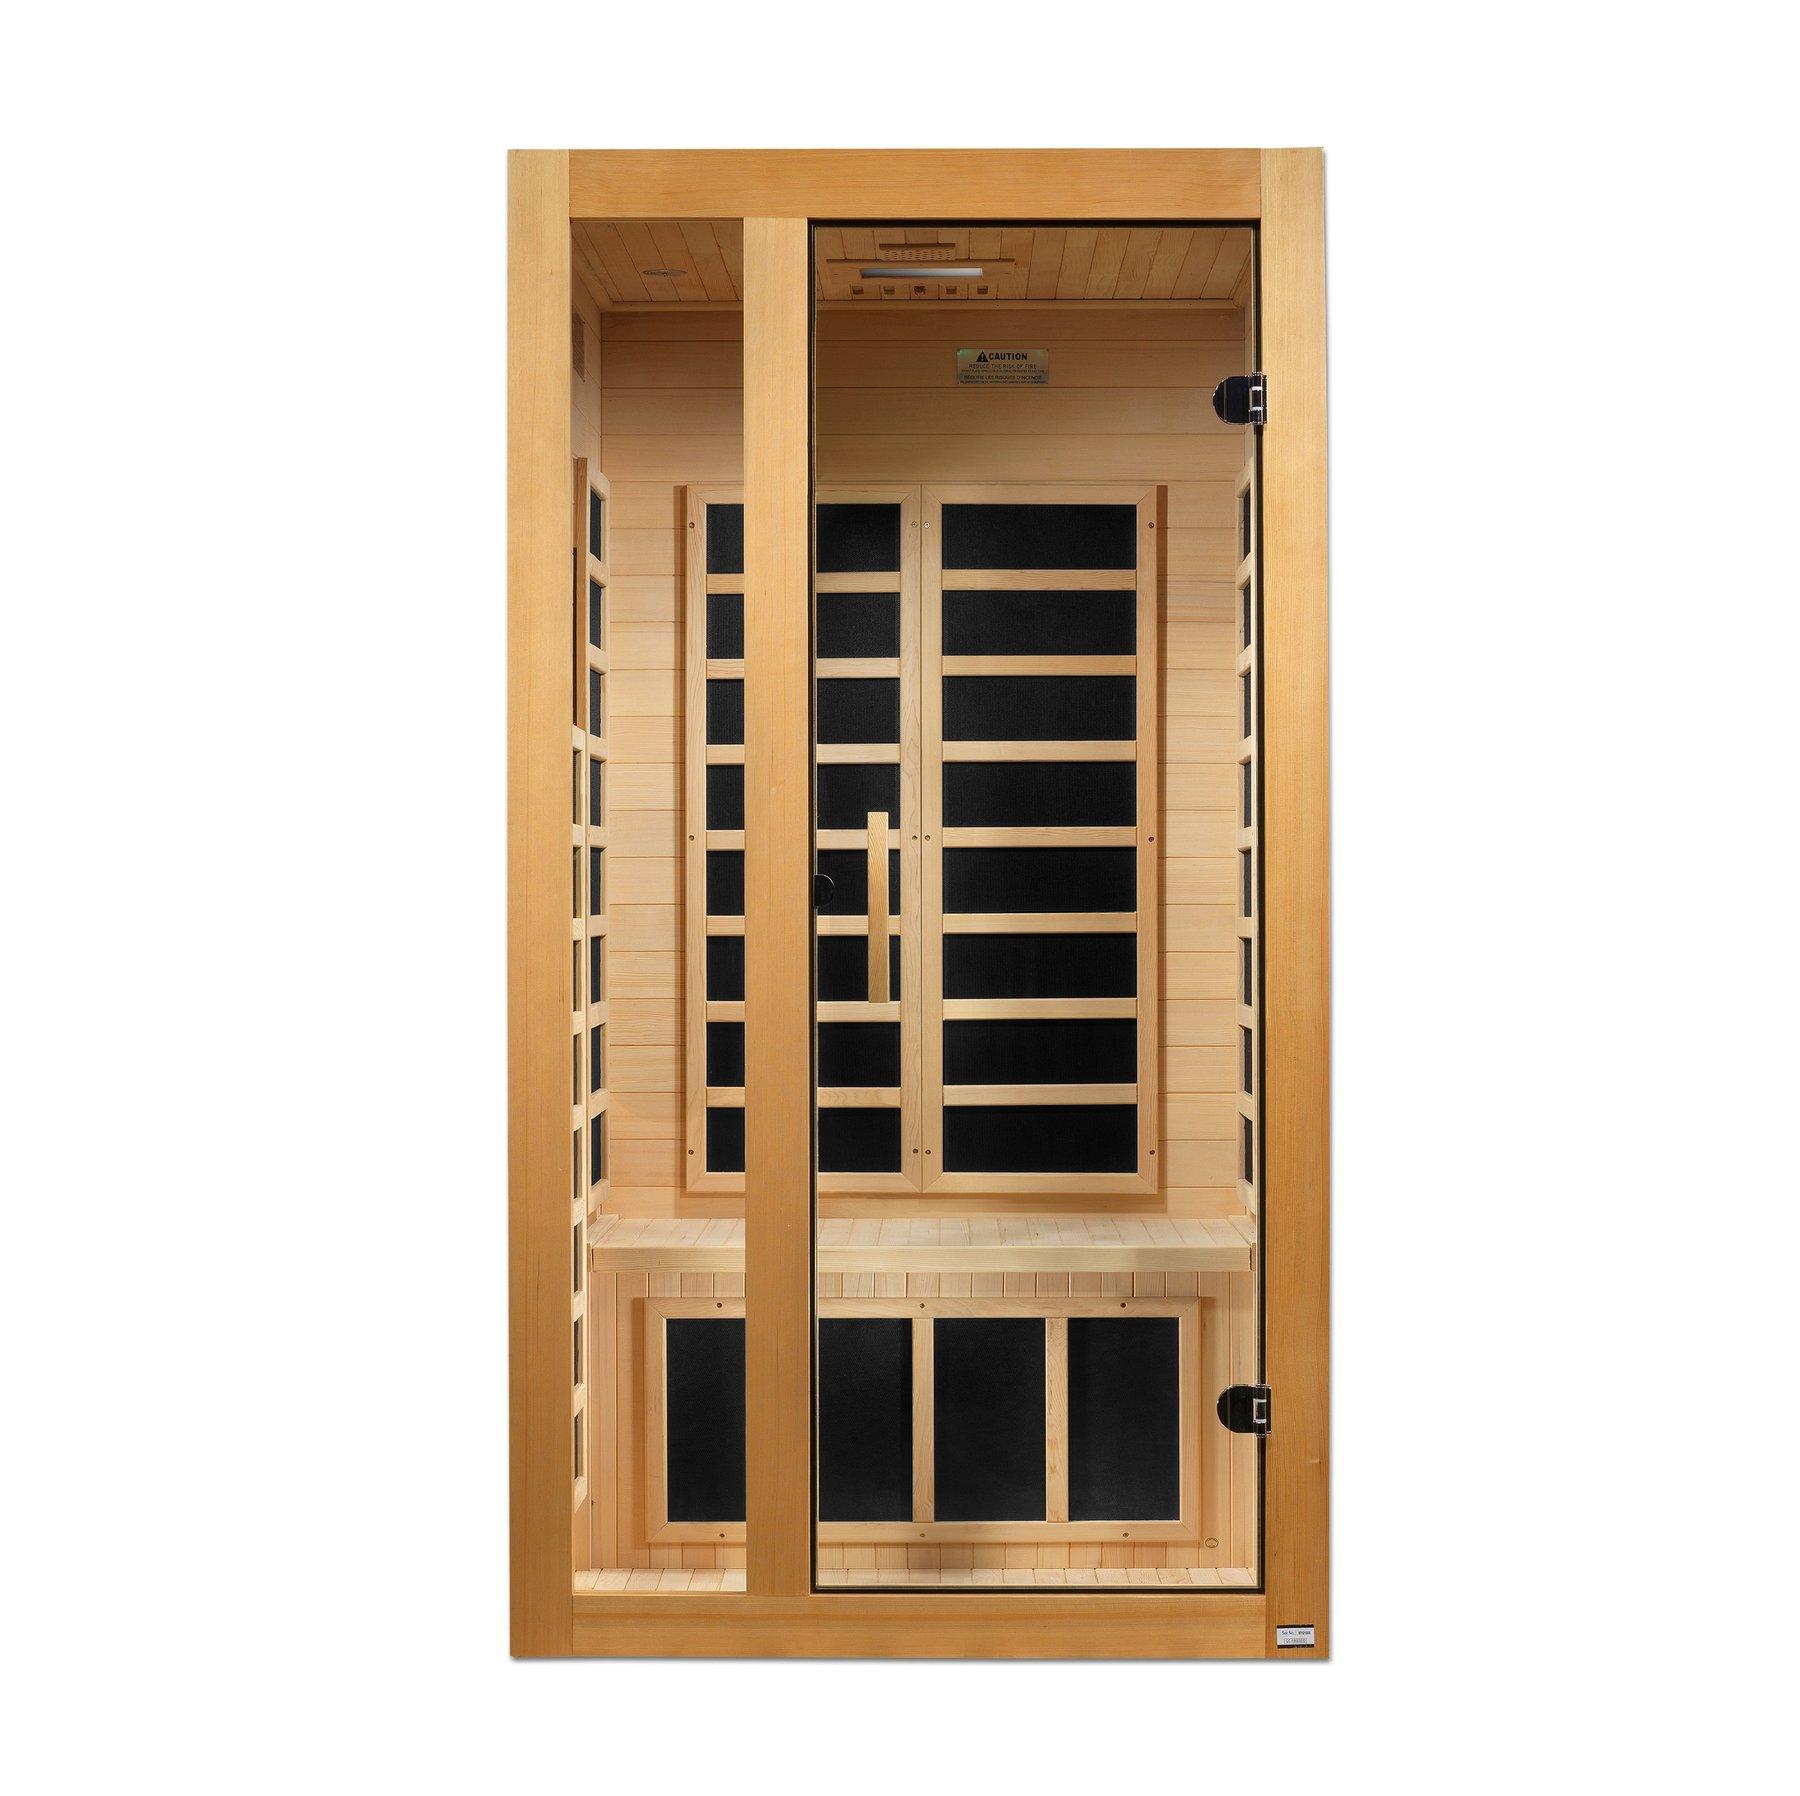 SK-6119-Sauna-King-USA (1)